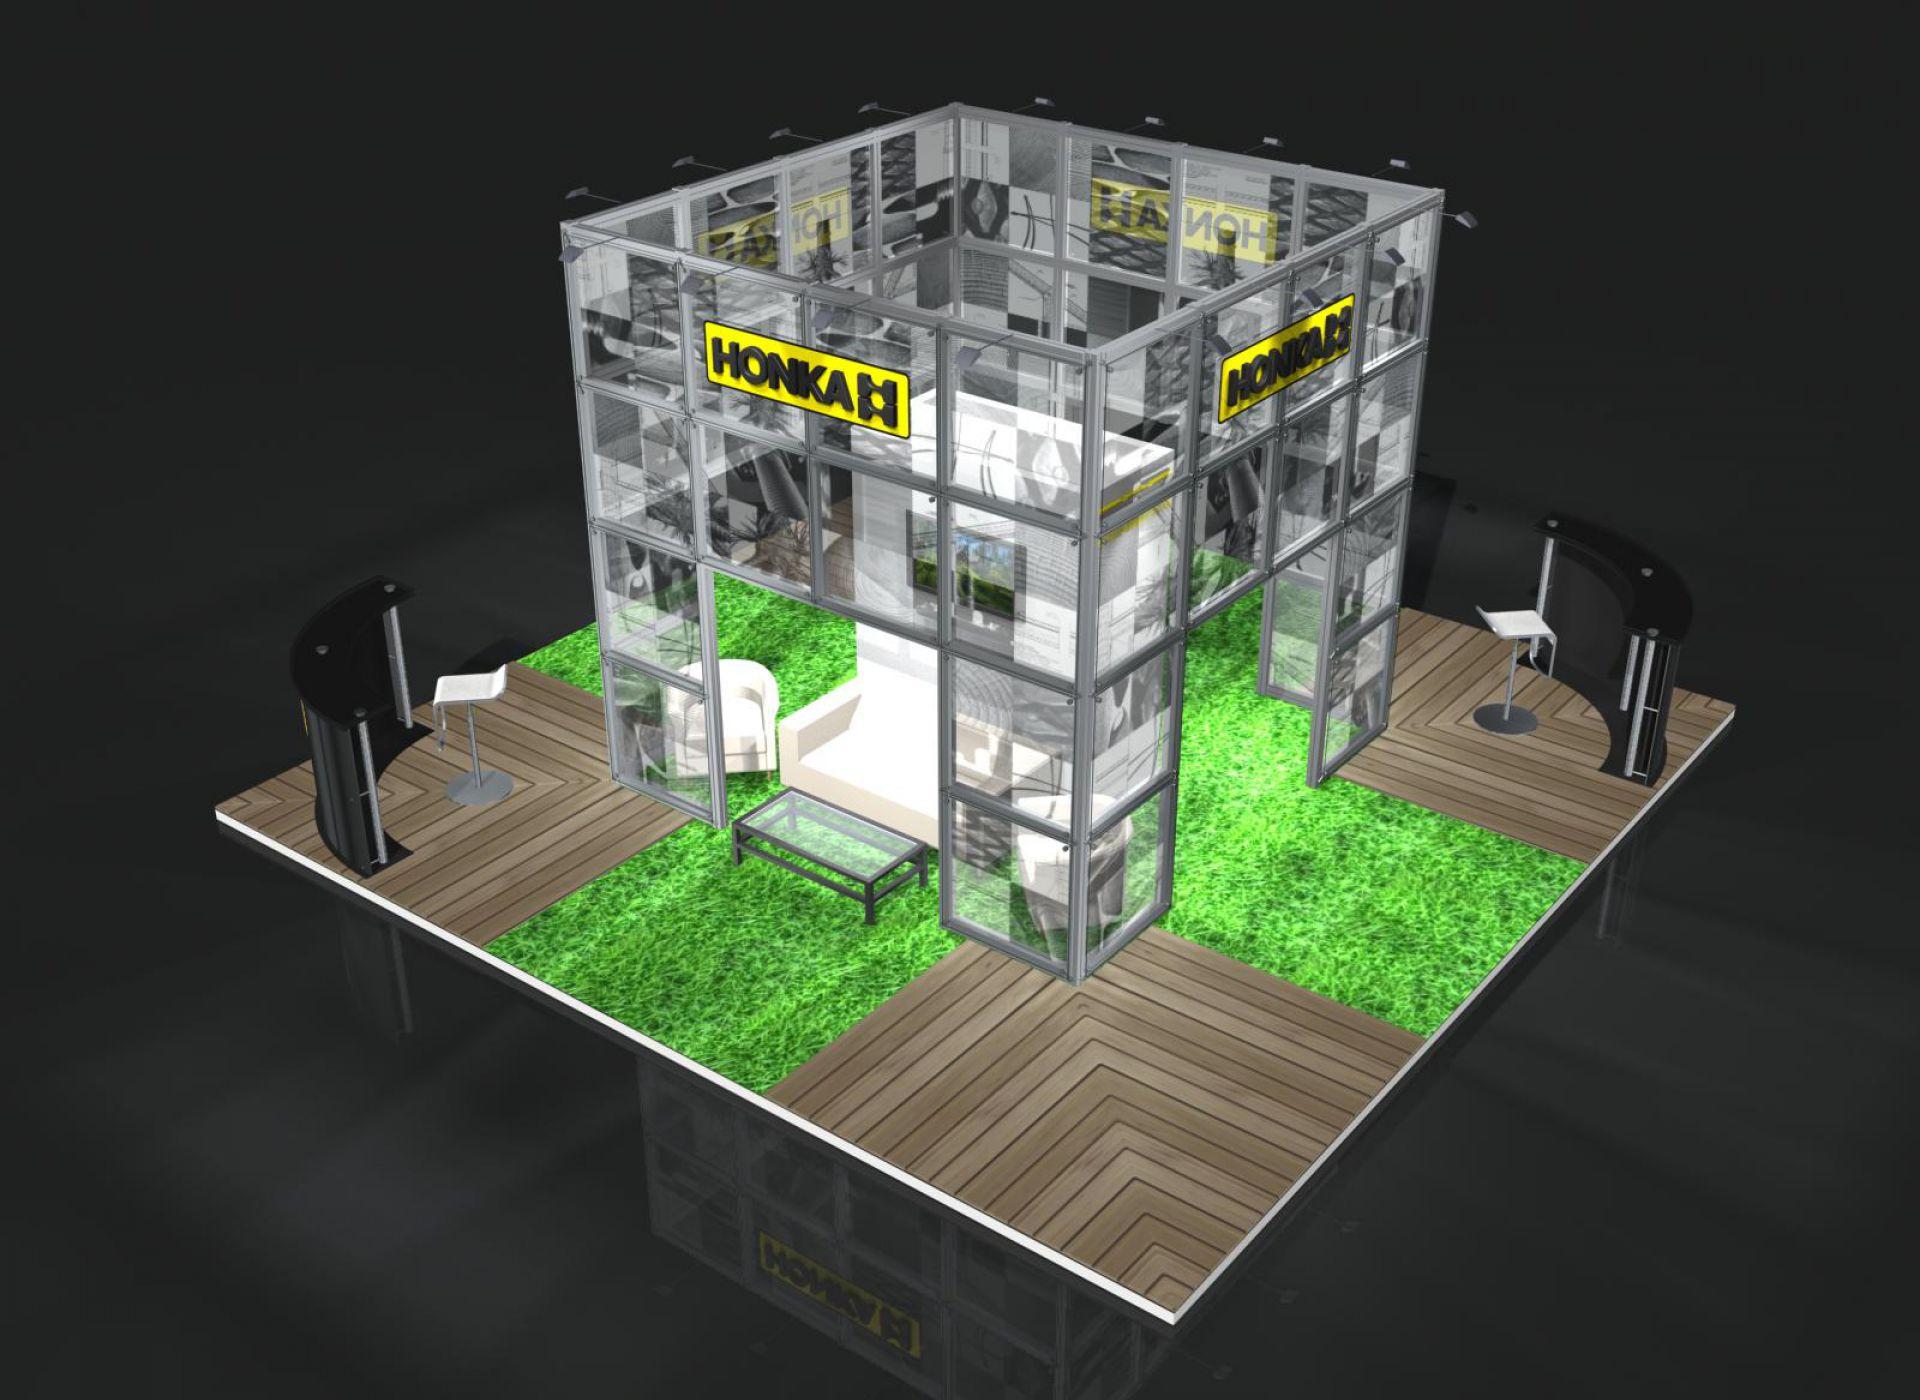 HONKA примет участие и выступит генеральным спонсором выставки «Деревянный дом 2012» с 15 по 18 марта 2012.